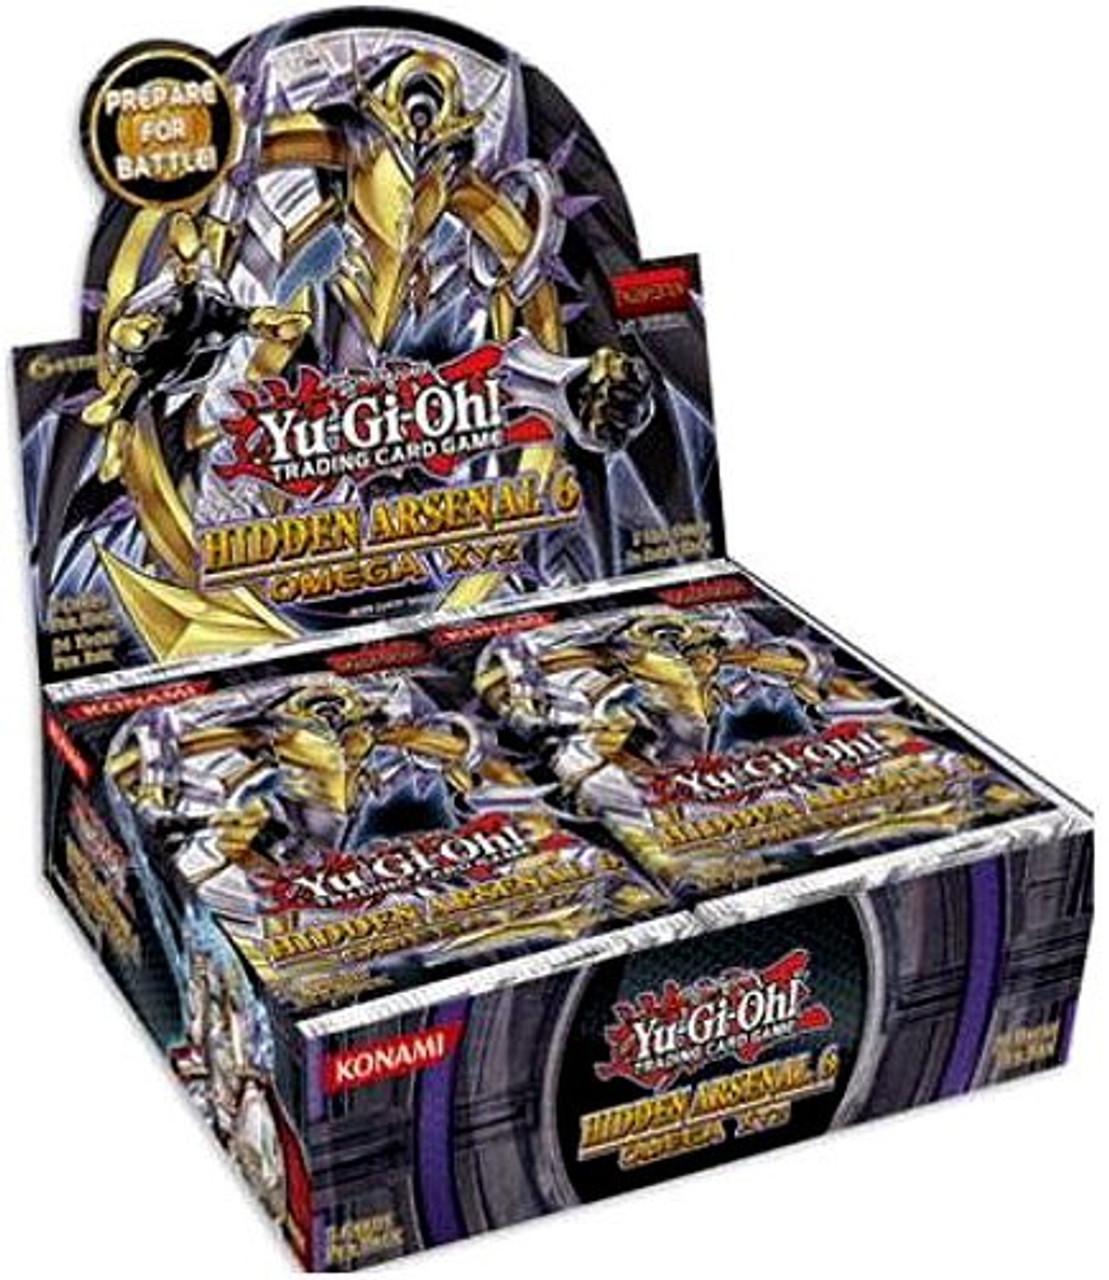 YuGiOh Hidden Arsenal 5 Steelswarm Invasion Booster Box 24 Packs Toy